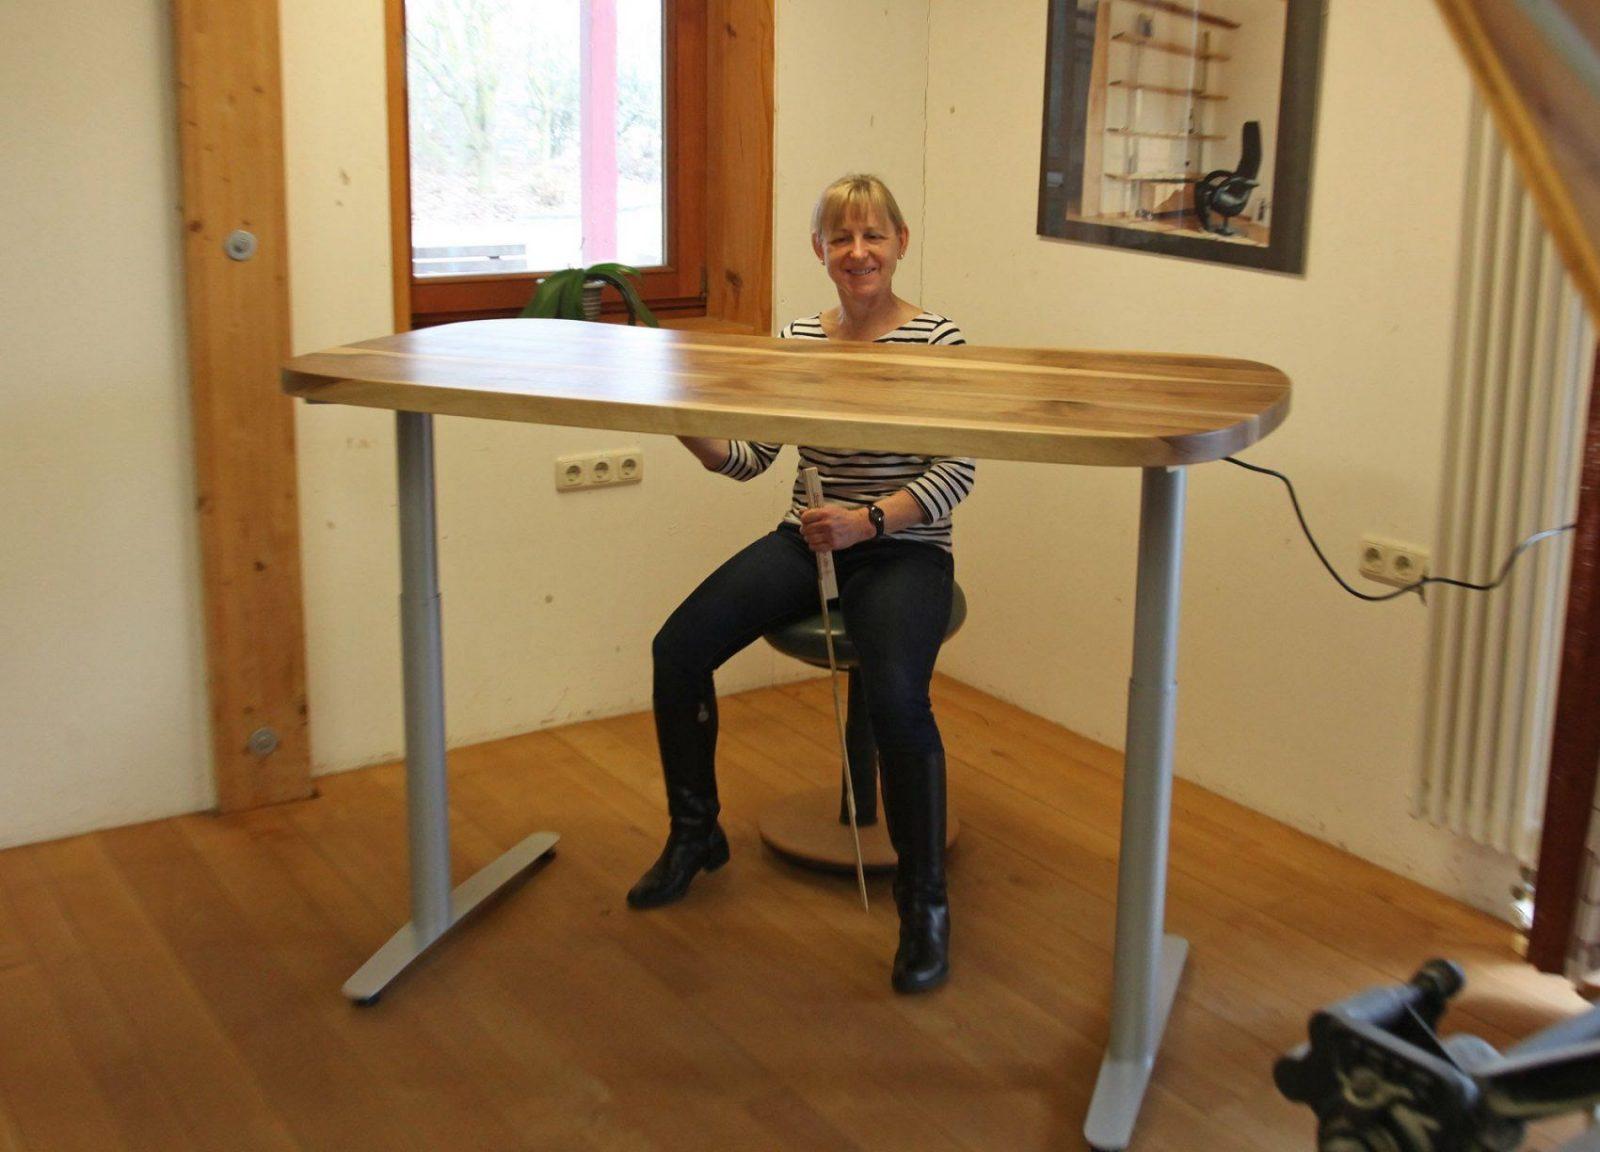 Höhenverstellbarer Schreibtisch Selber Bauen Perfekt Auto Mit von Höhenverstellbarer Schreibtisch Selber Bauen Bild